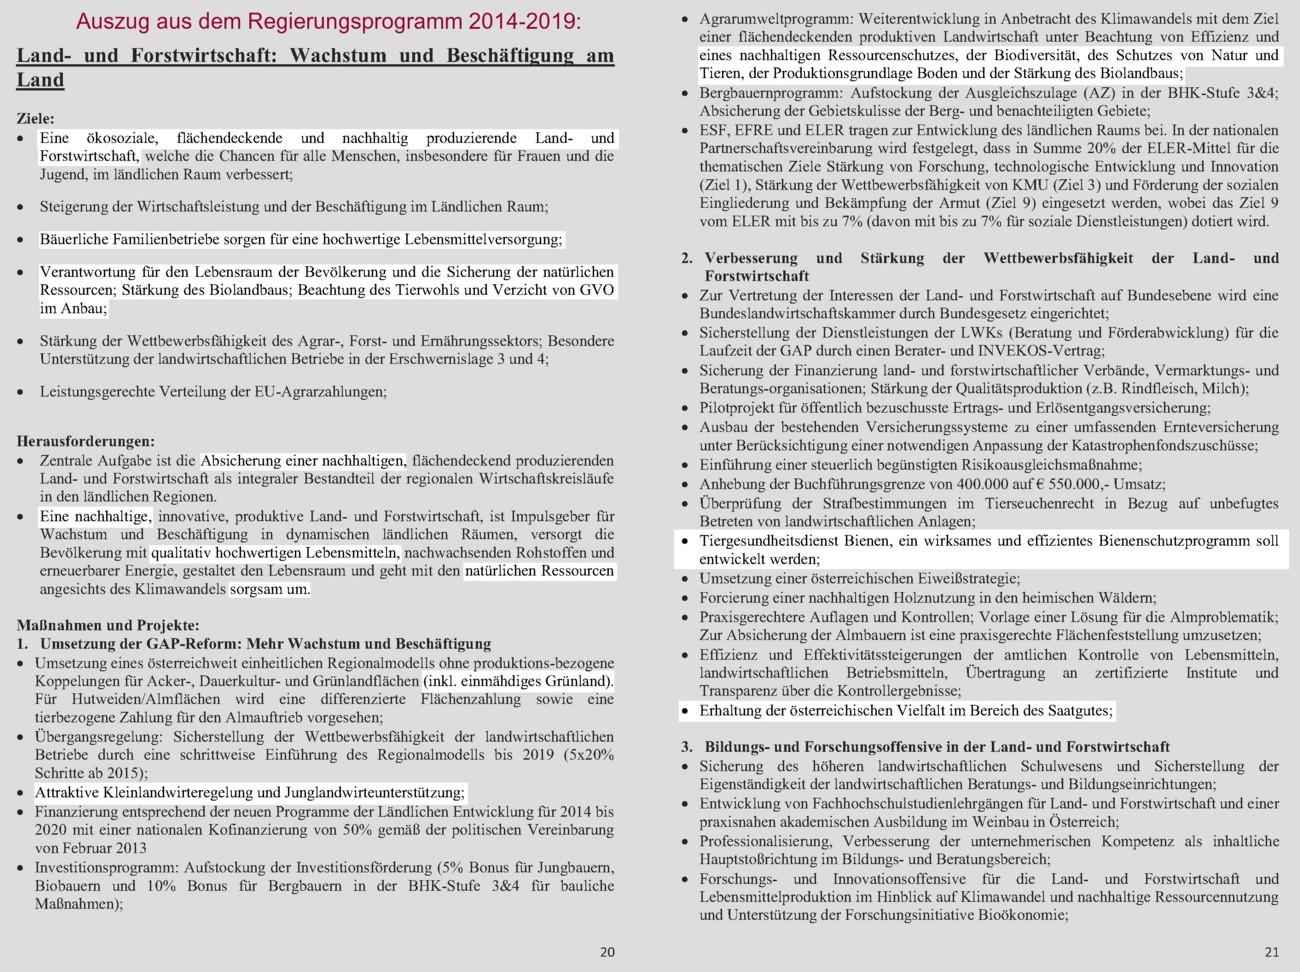 regierung programm österreich